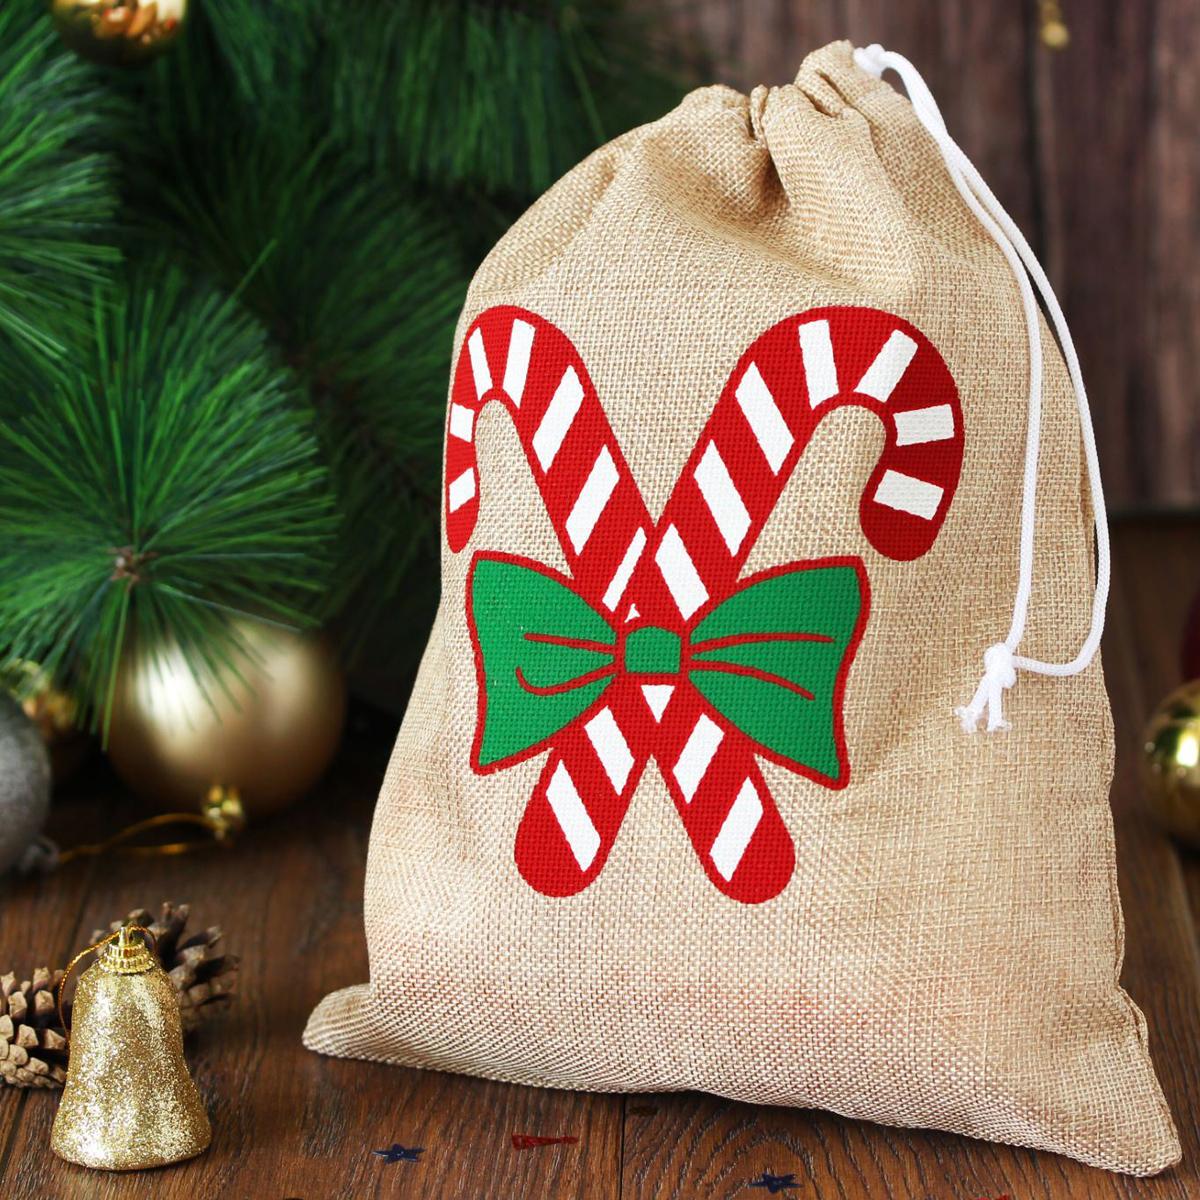 Мешок карнавальный Sima-land Леденцы2321637Упаковка – это одна из важных составляющих самого подарка! Дарите ли вы сувениры родственникам, или выбираете подарок для самого близкого человека – правильно подобранная подарочная упаковка усилит радость от самого подарка и поднимет настроение.